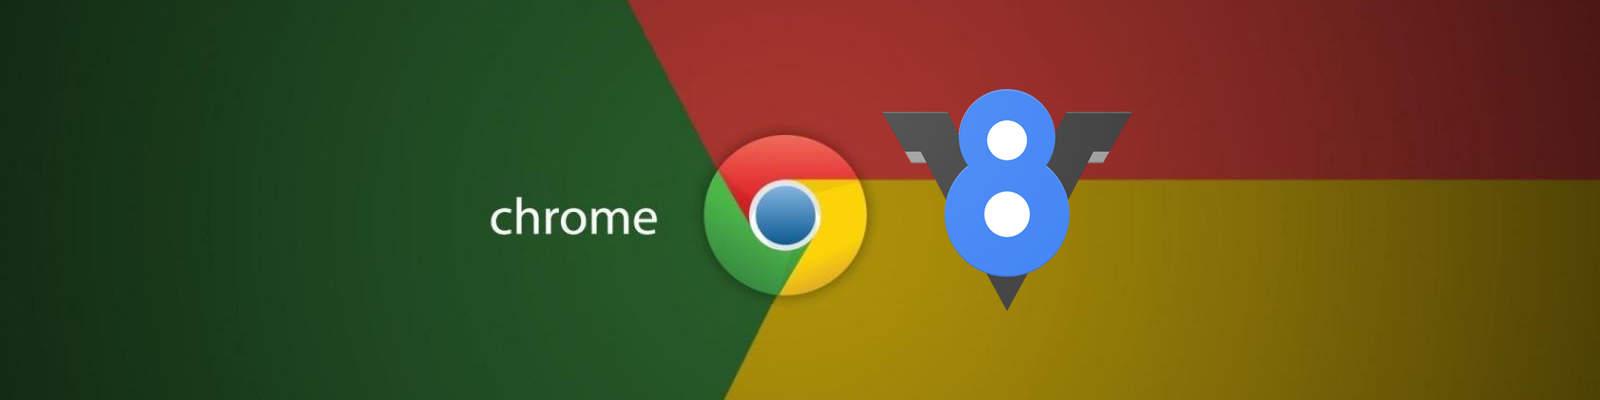 Chrome V8